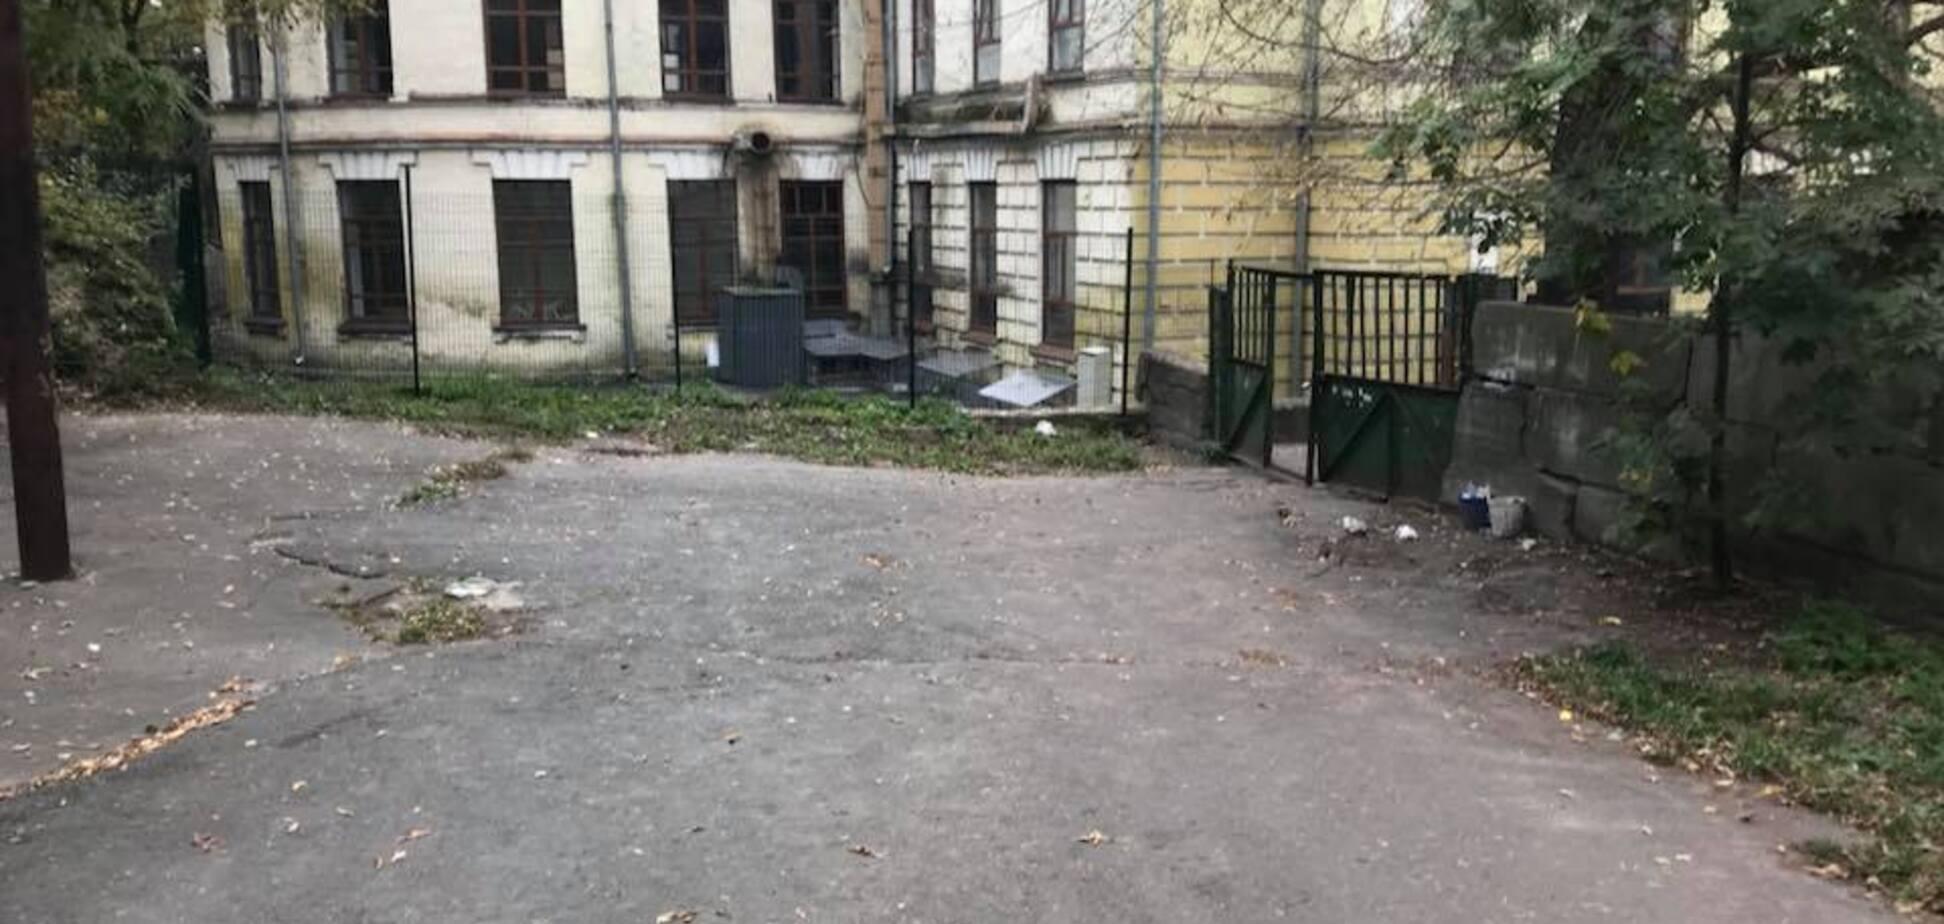 Последствия могут быть критическими: киевлян возмутила ситуация с больницей в центре города